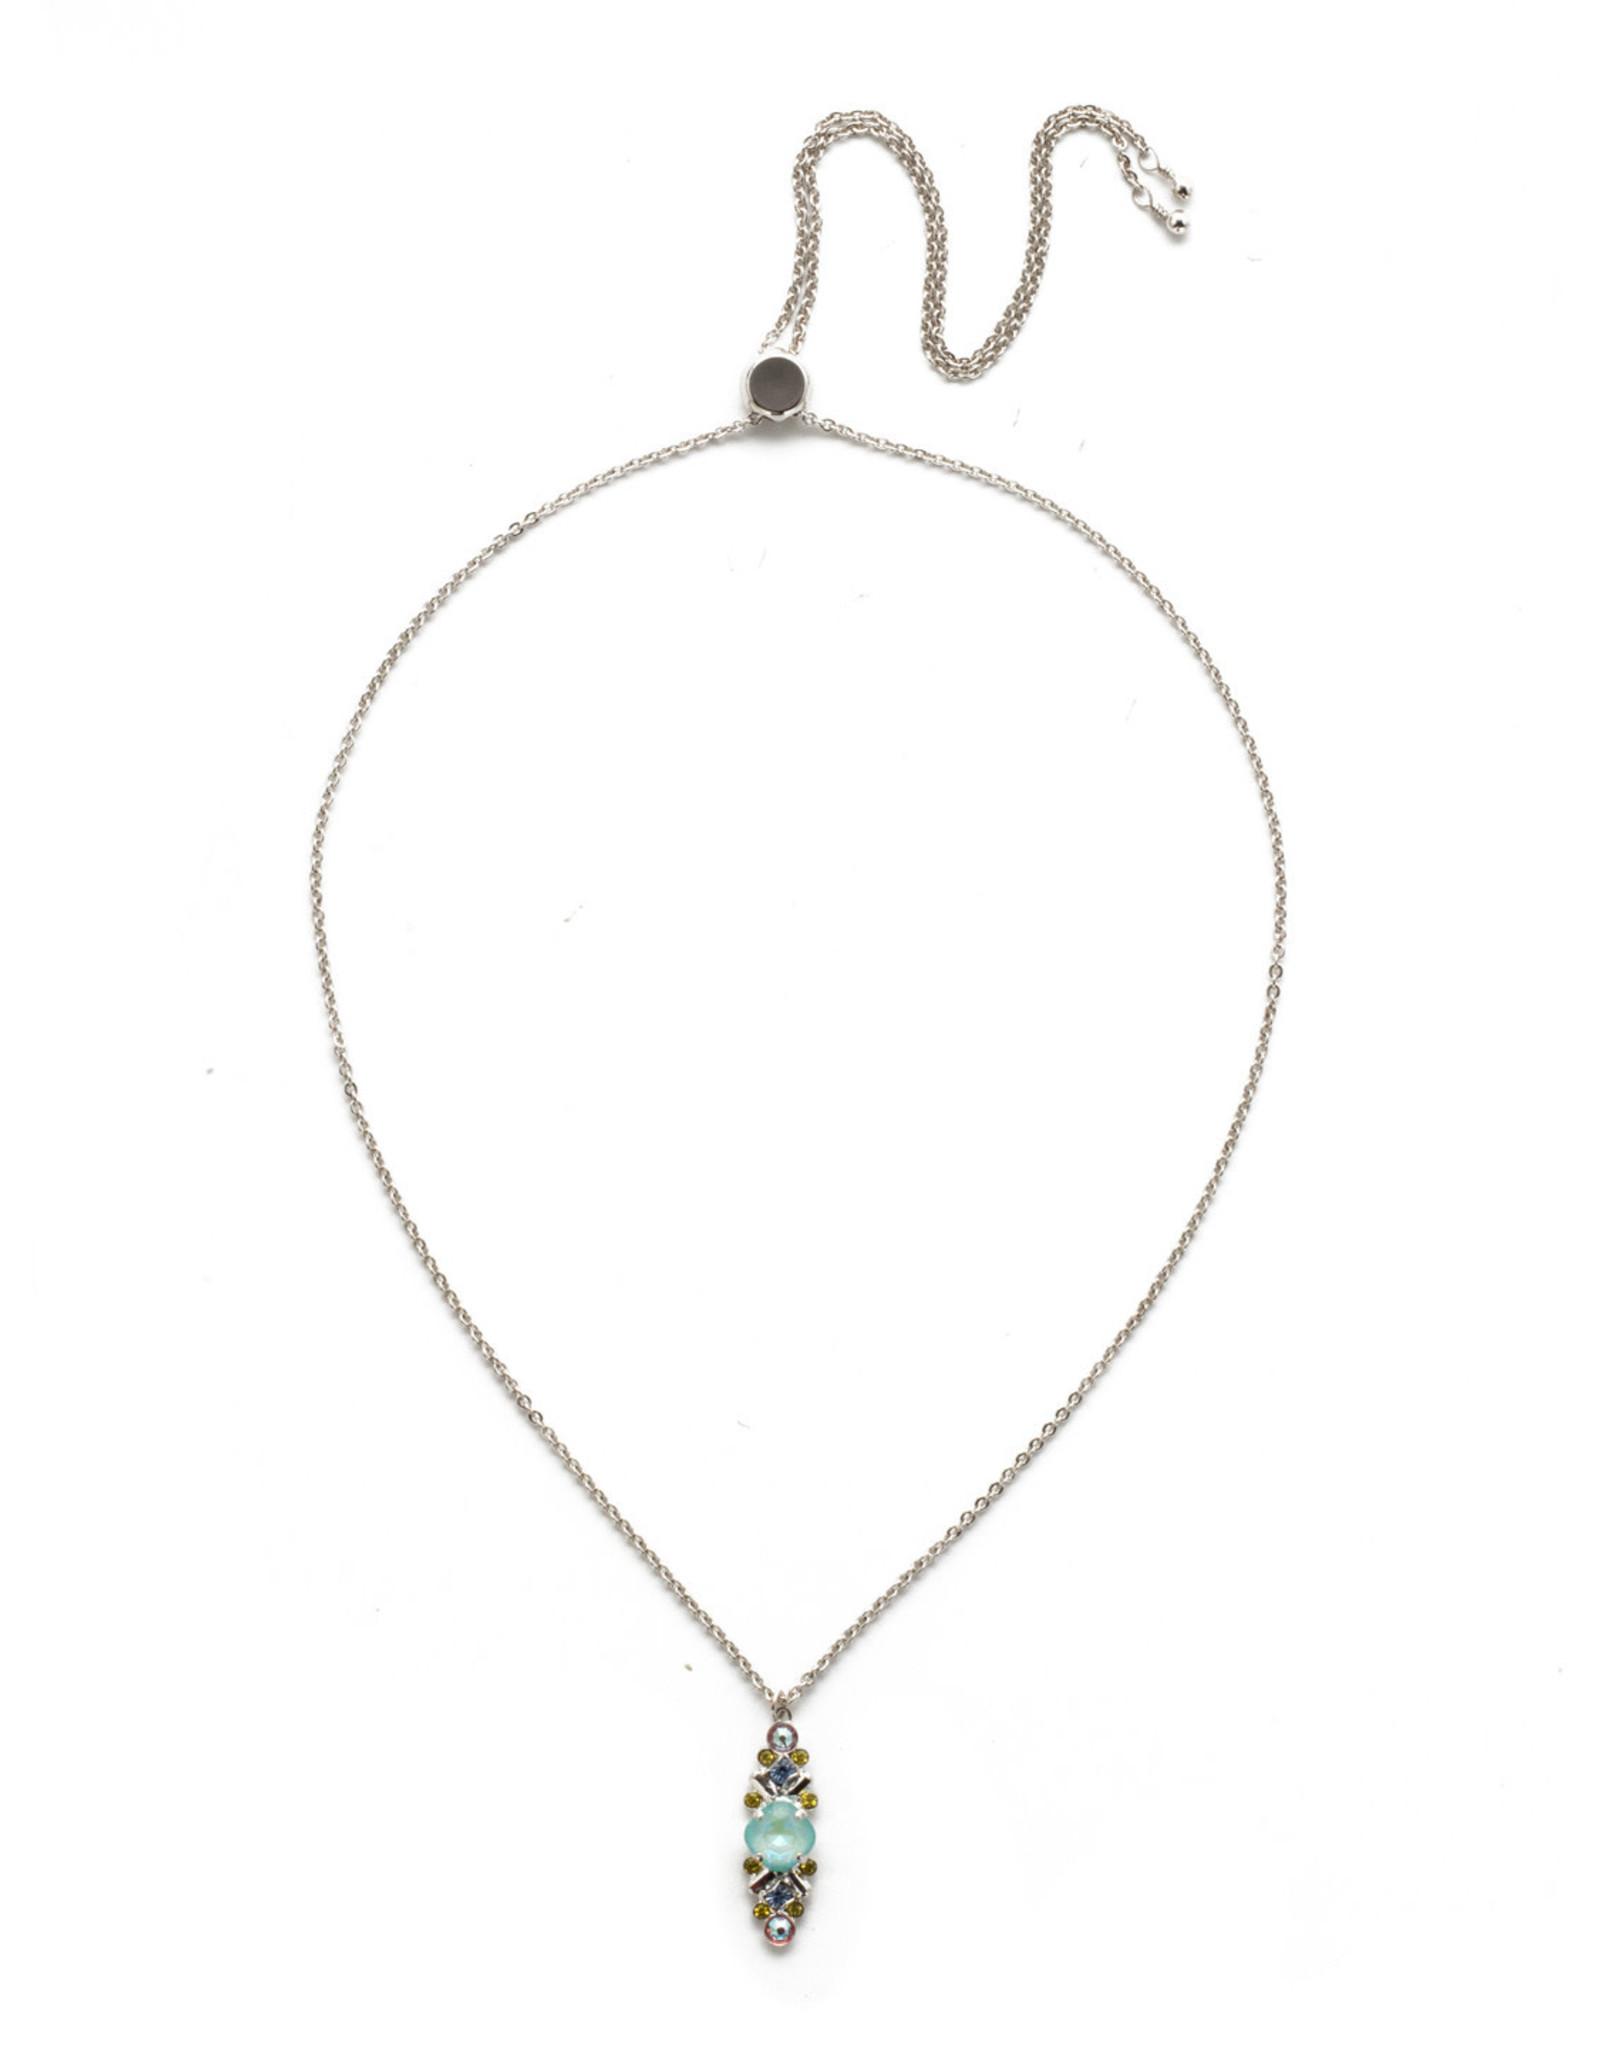 Sorrelli Sorrelli Acacia Pendant Necklace in Rhodium Seersucker